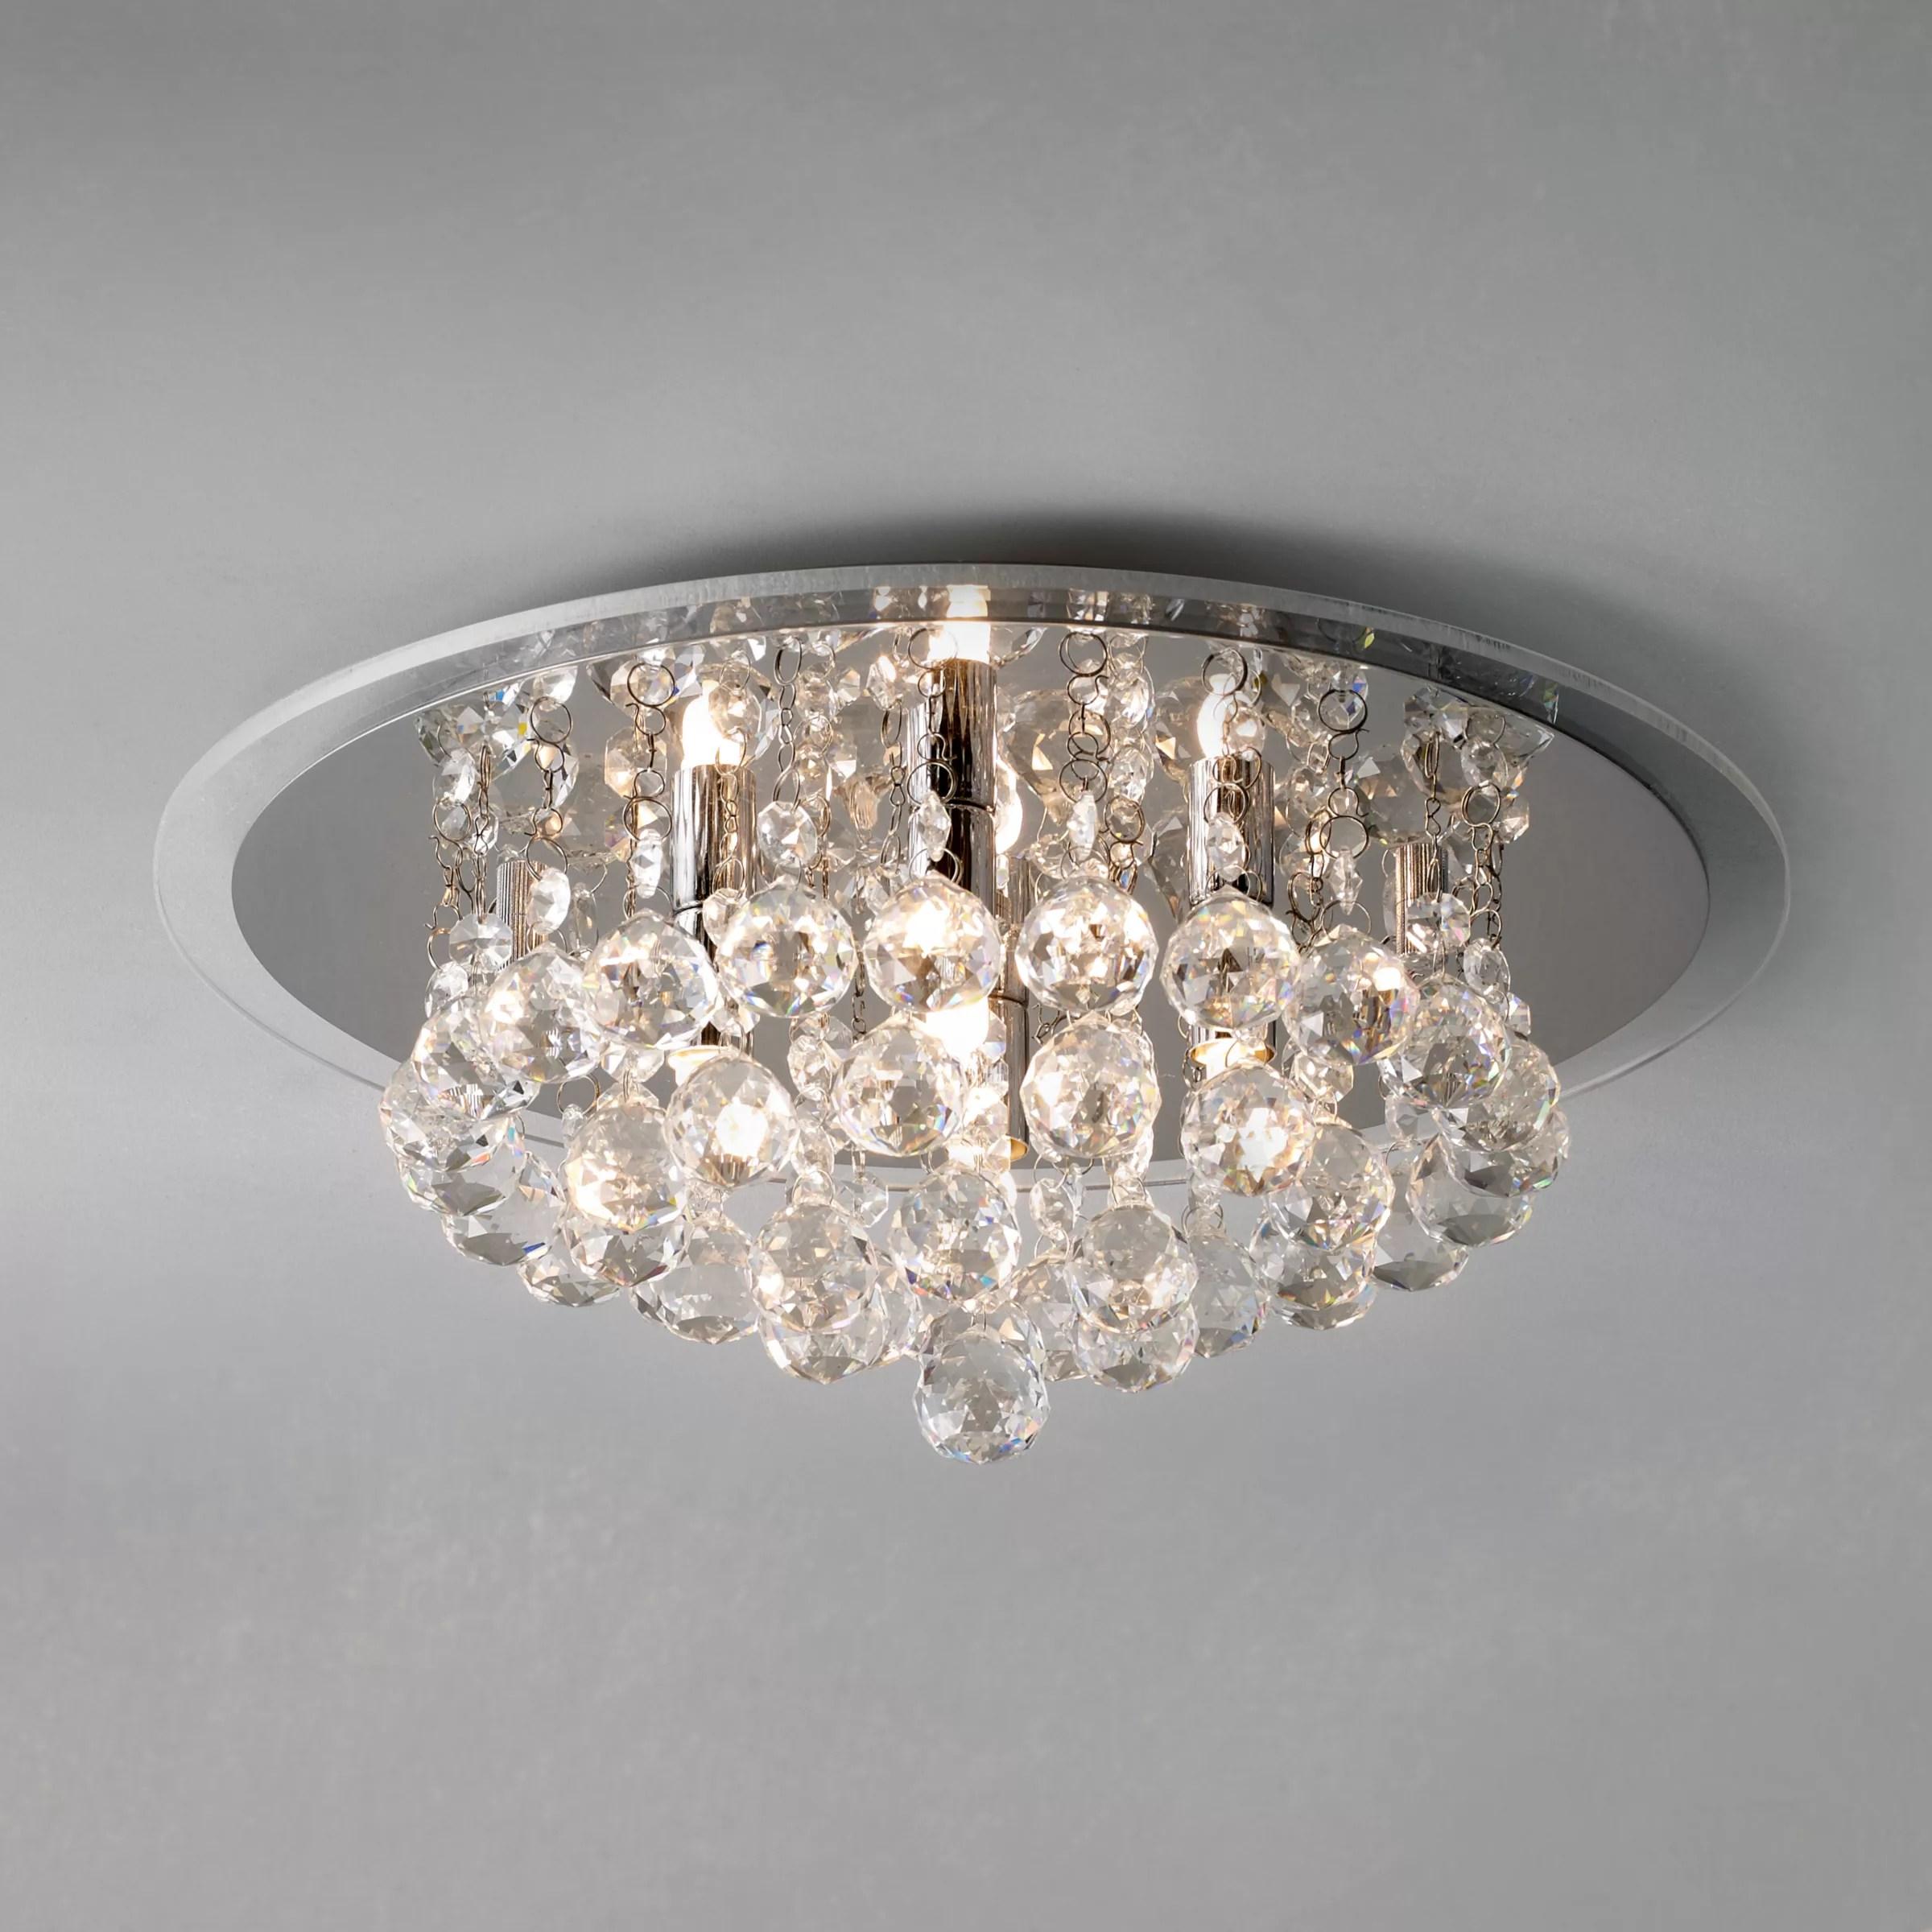 Buy John Lewis Belinda Flush Ceiling Light Chrome